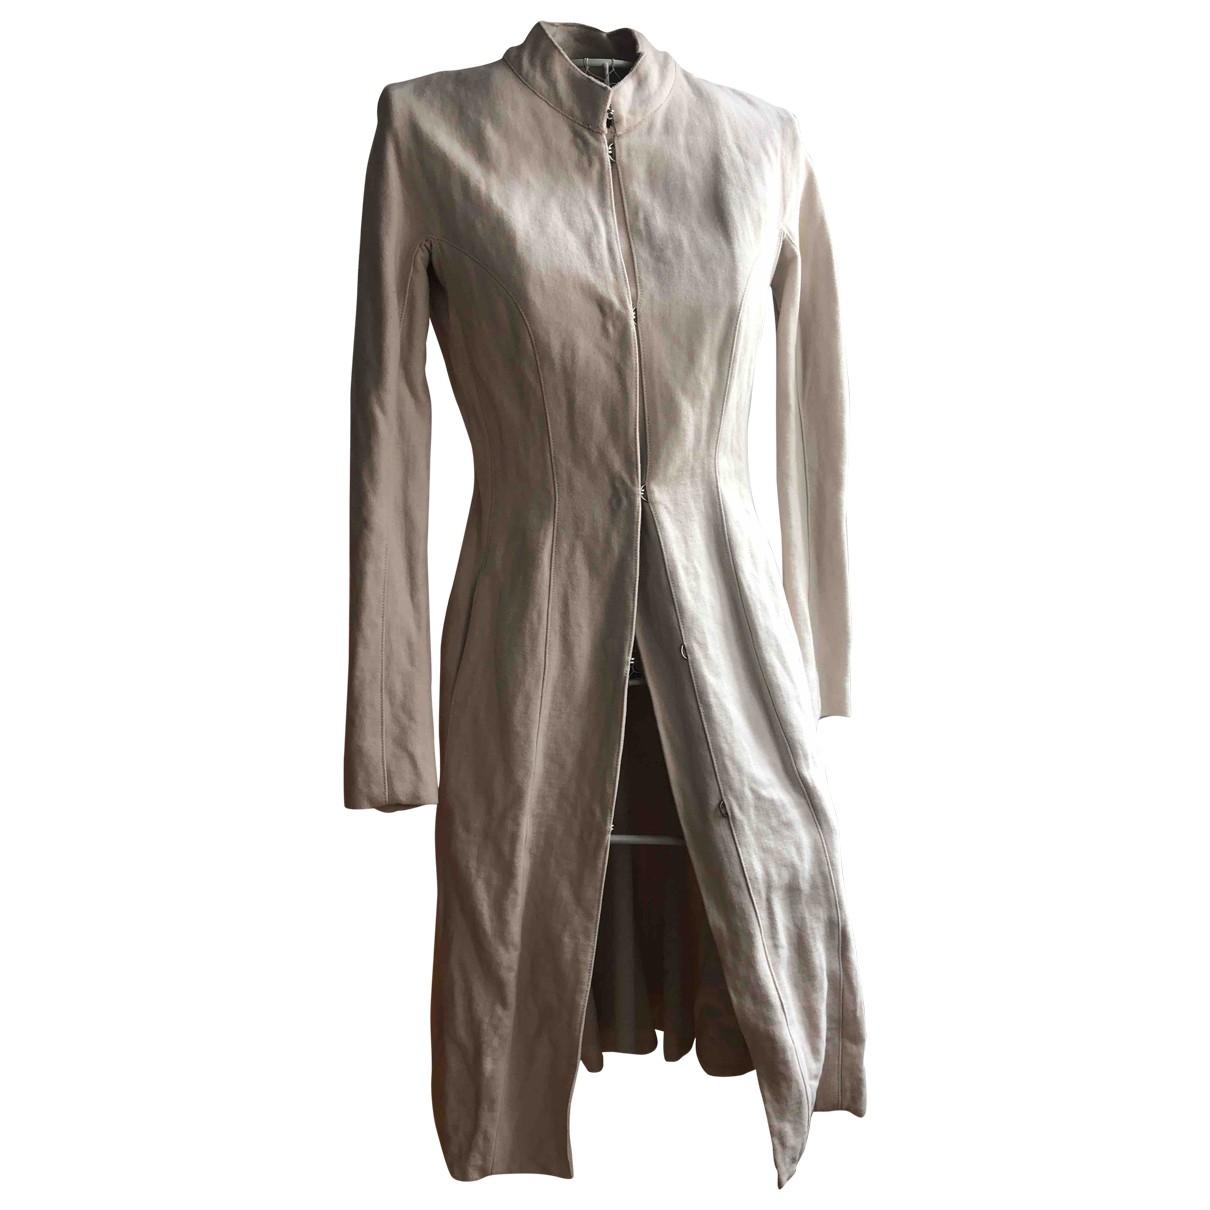 Lanvin \N Ecru Wool coat for Women 36 FR